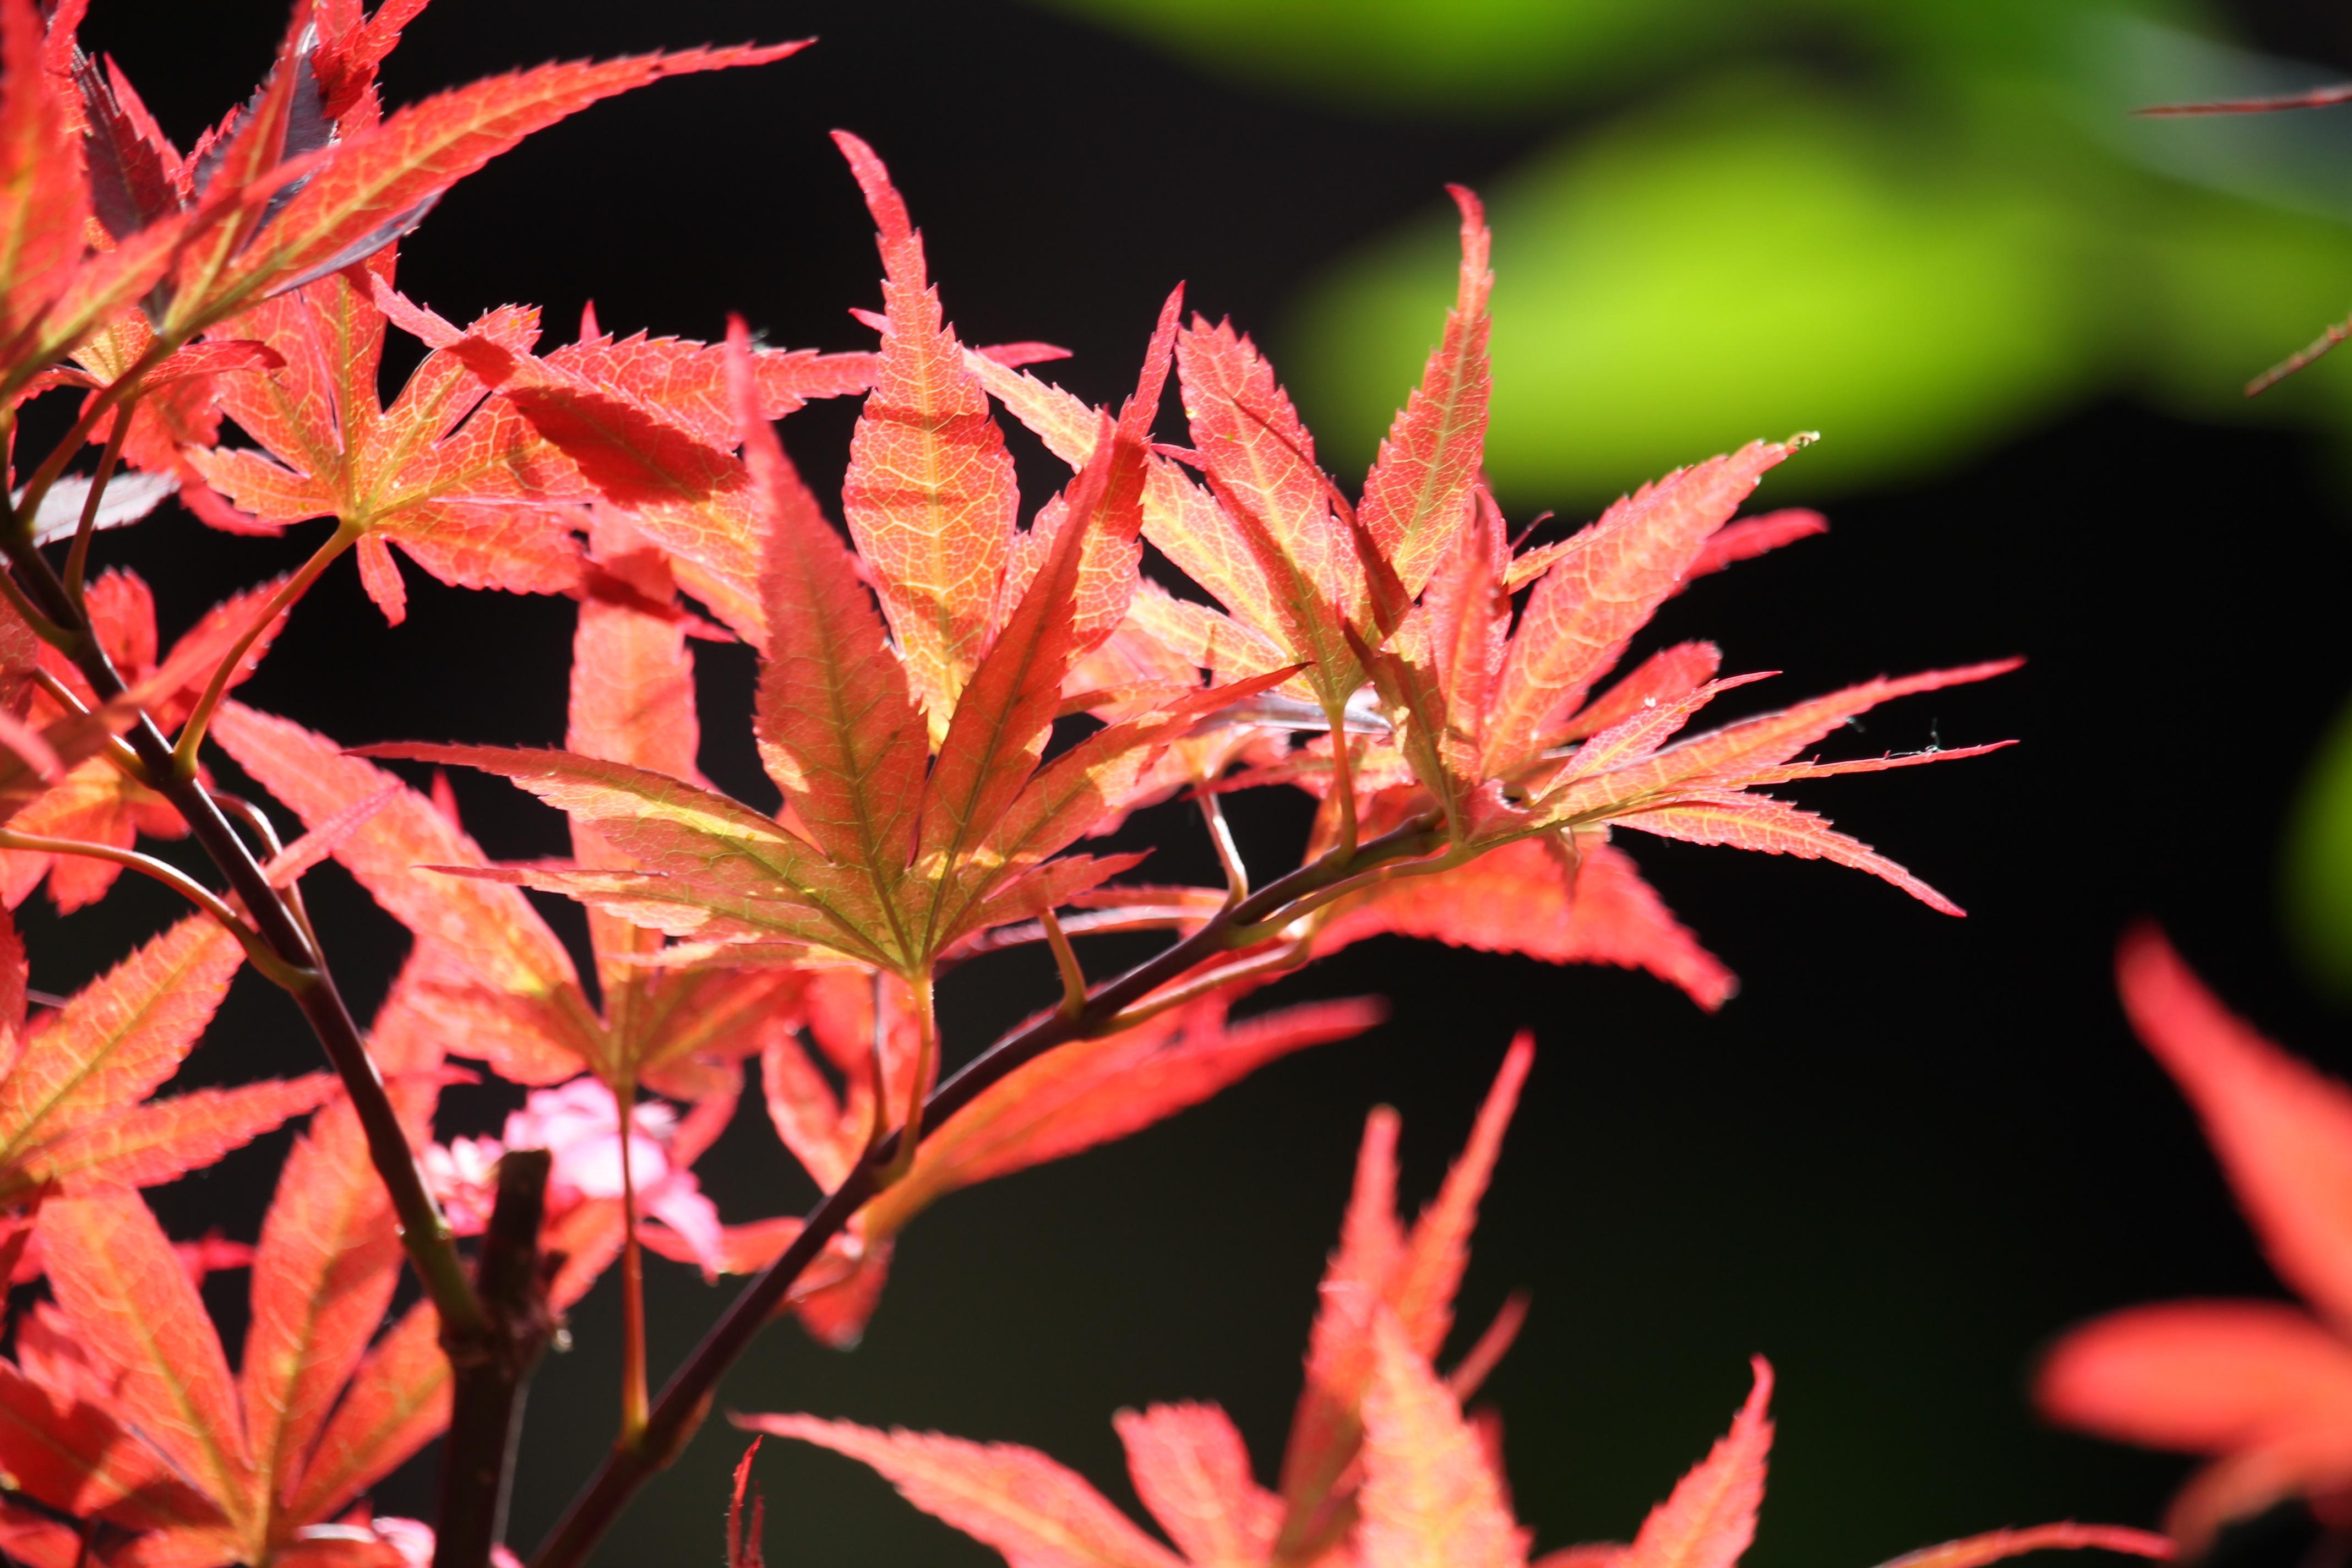 images gratuites : arbre, branche, fleur, été, rouge, l'automne